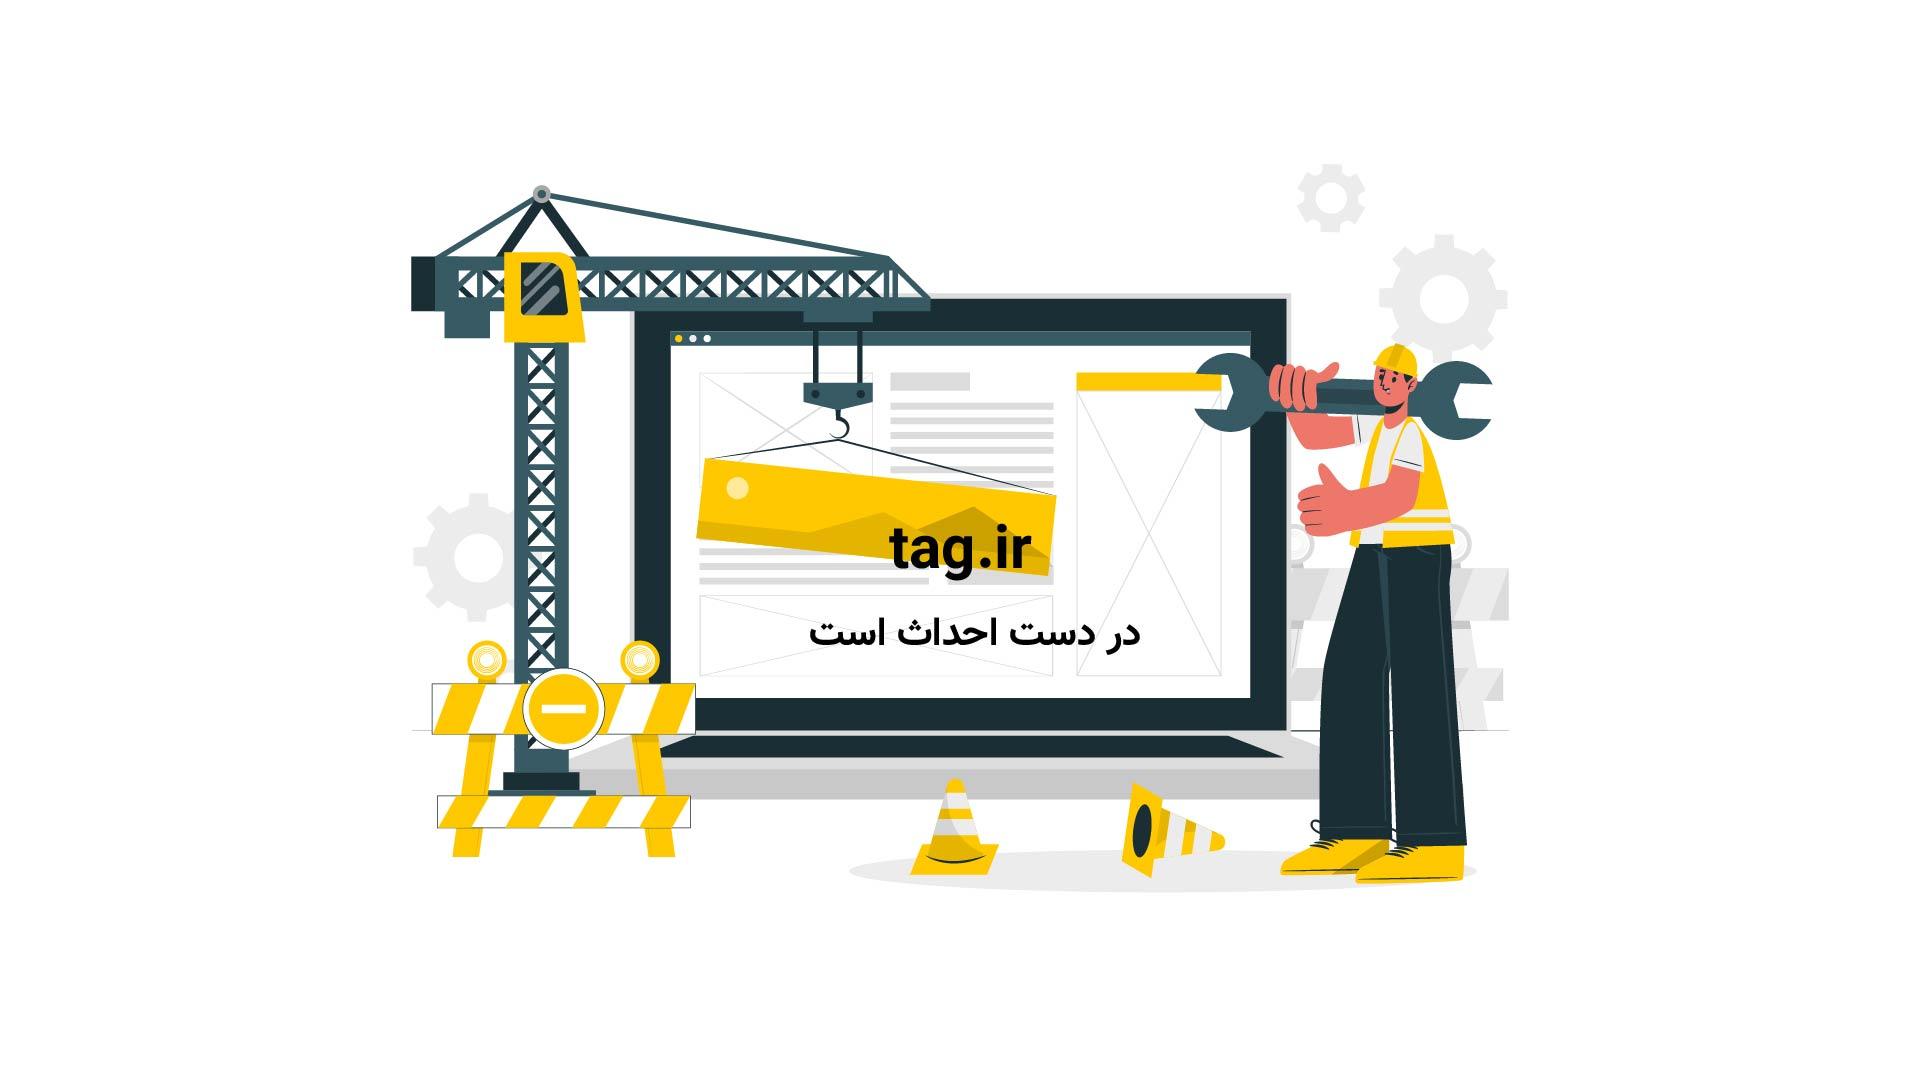 جزیره هرمز از جاذبههای گردشگری خلیج فارس | فیلم